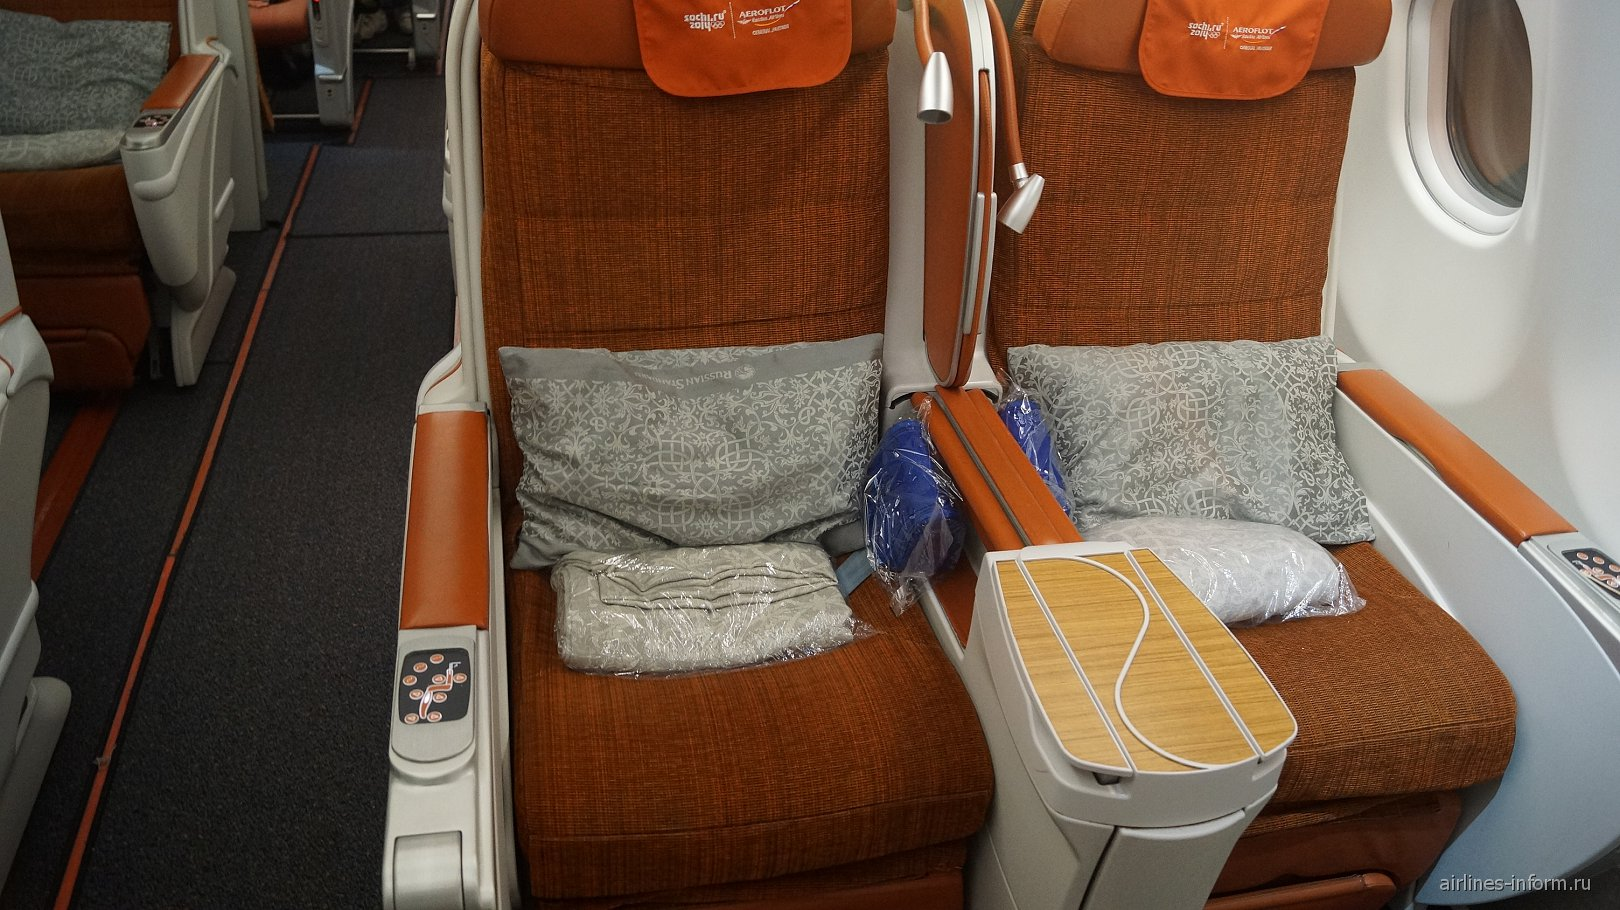 Кресла бизнес-класса в самолете Airbus A320-200 Аэрофлота